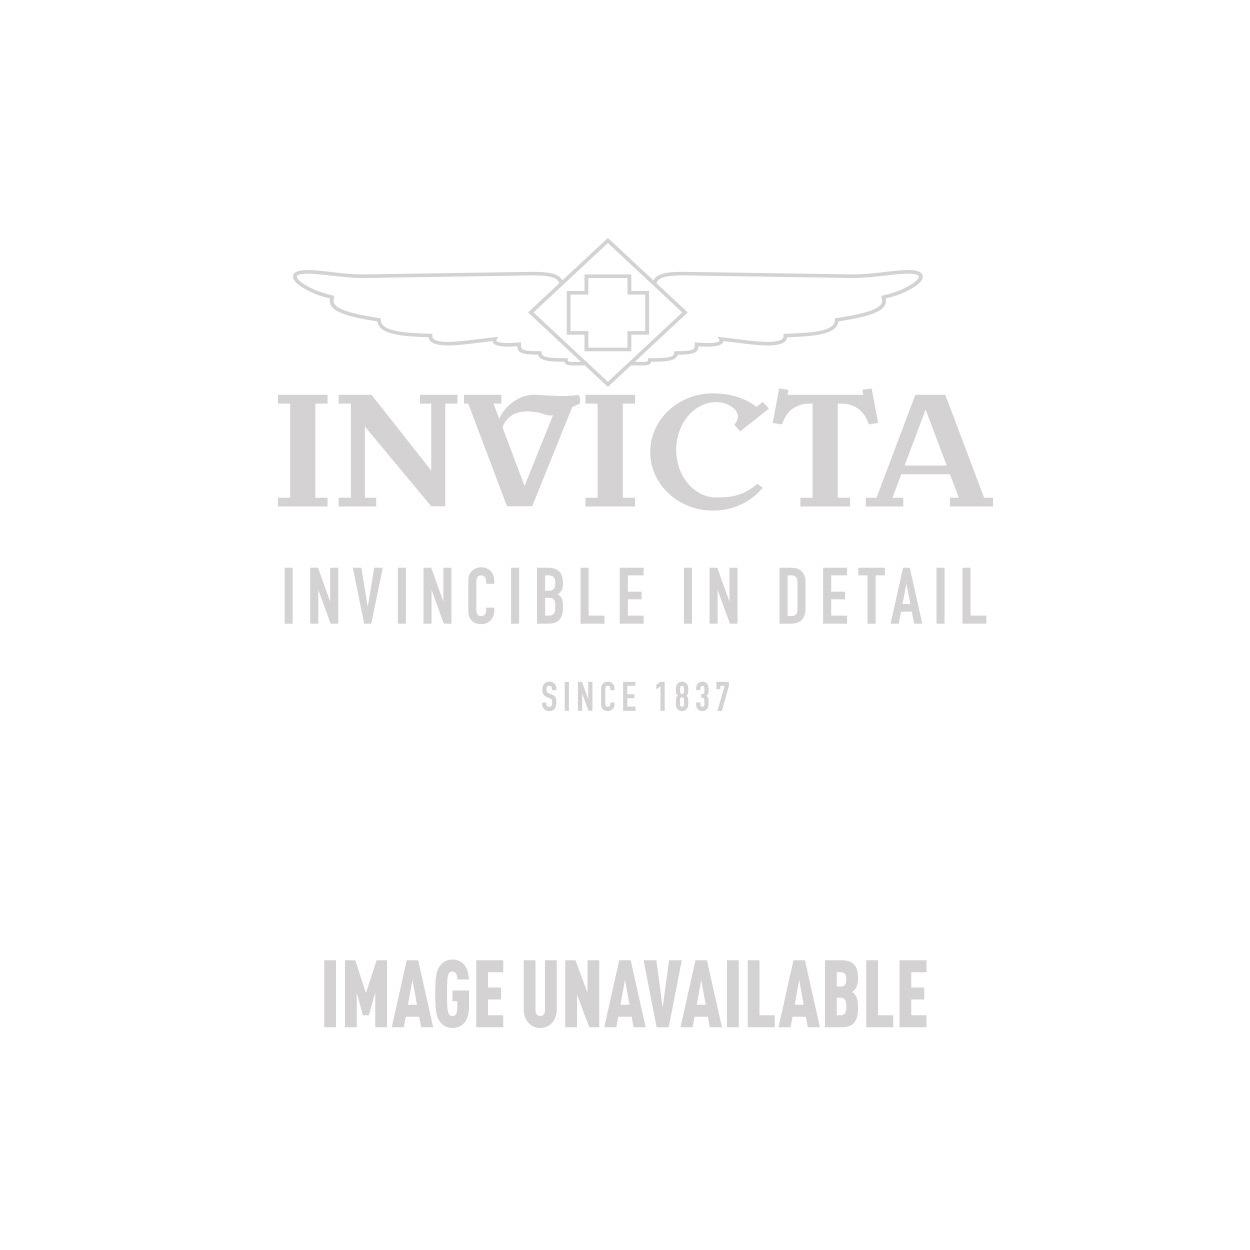 Invicta Model 29264